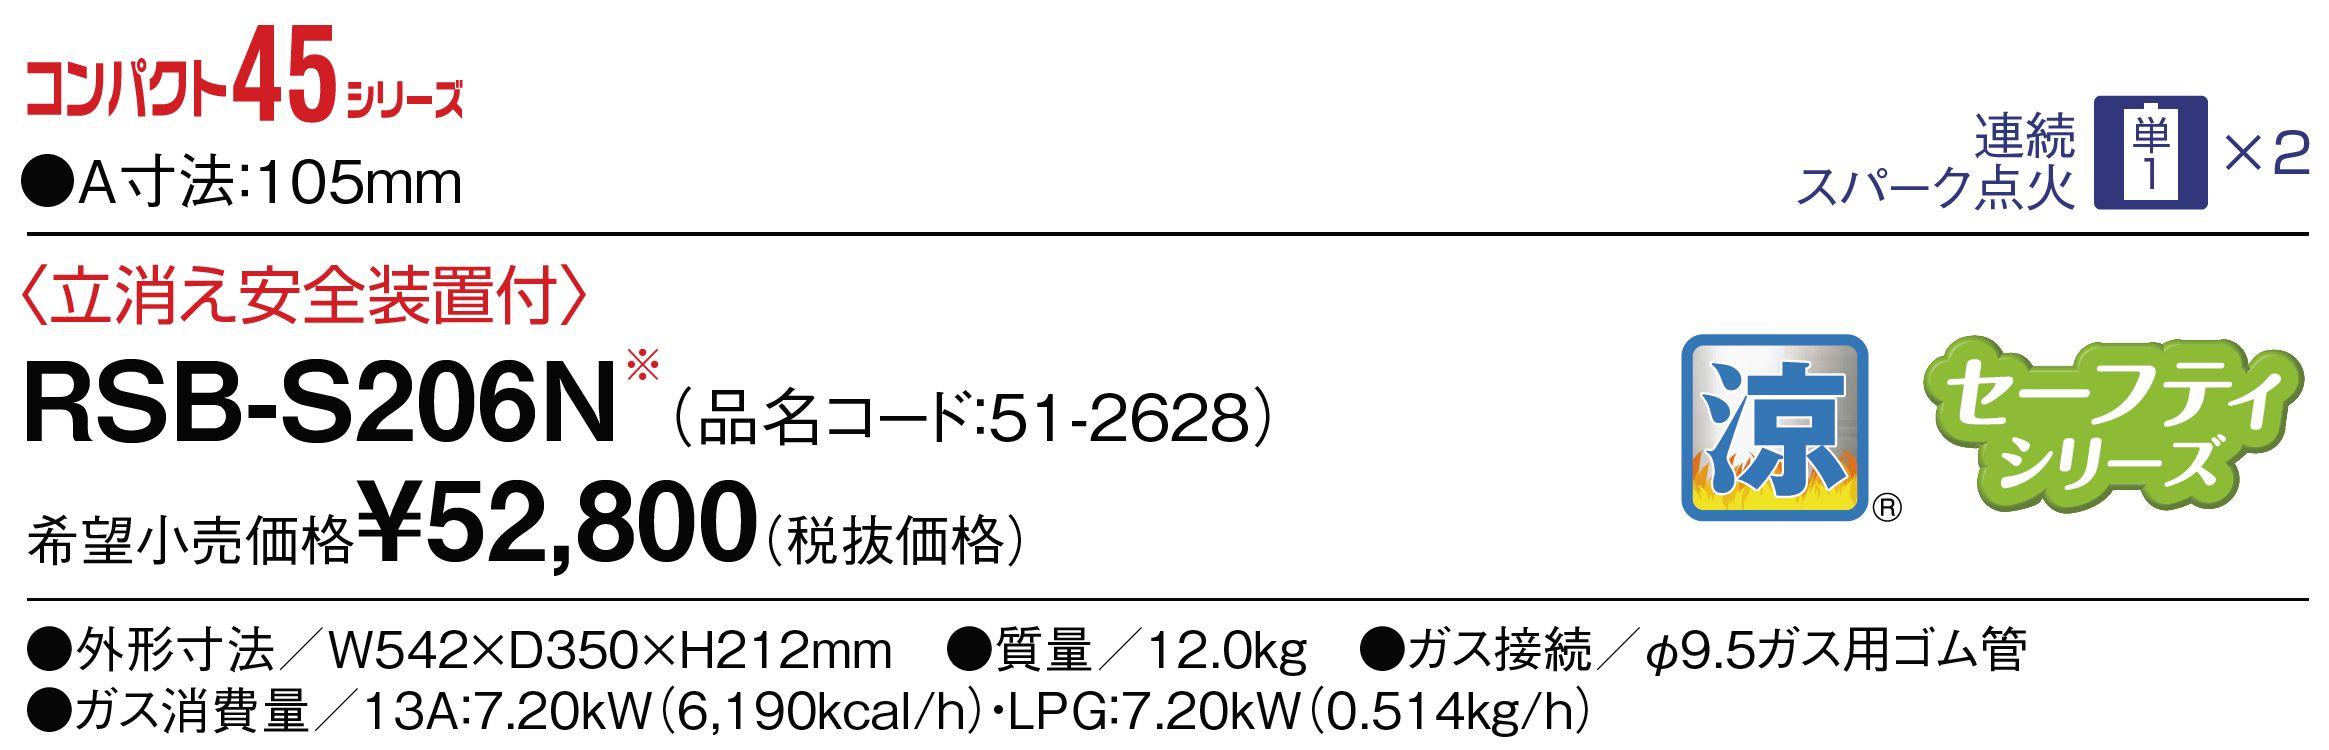 RSB-206N